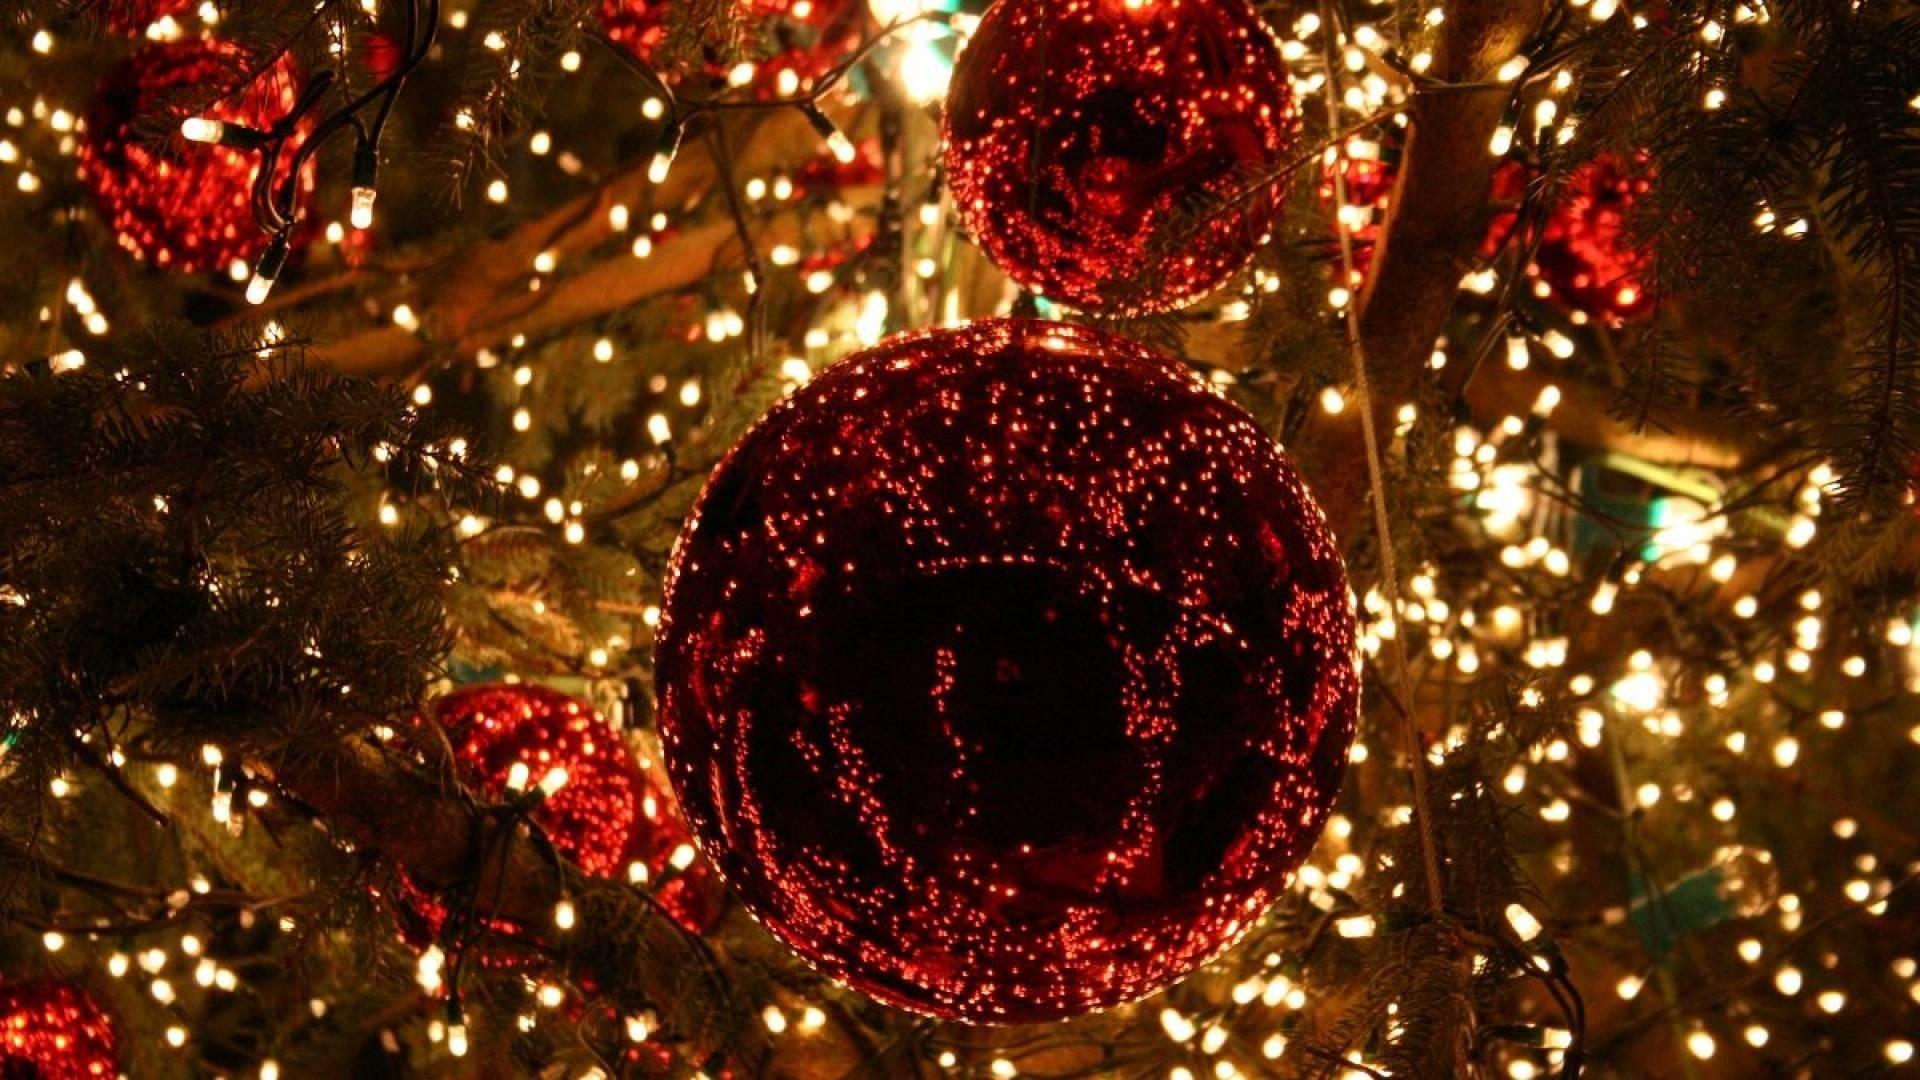 Christmas Hd Wallpapers 1080P 235785